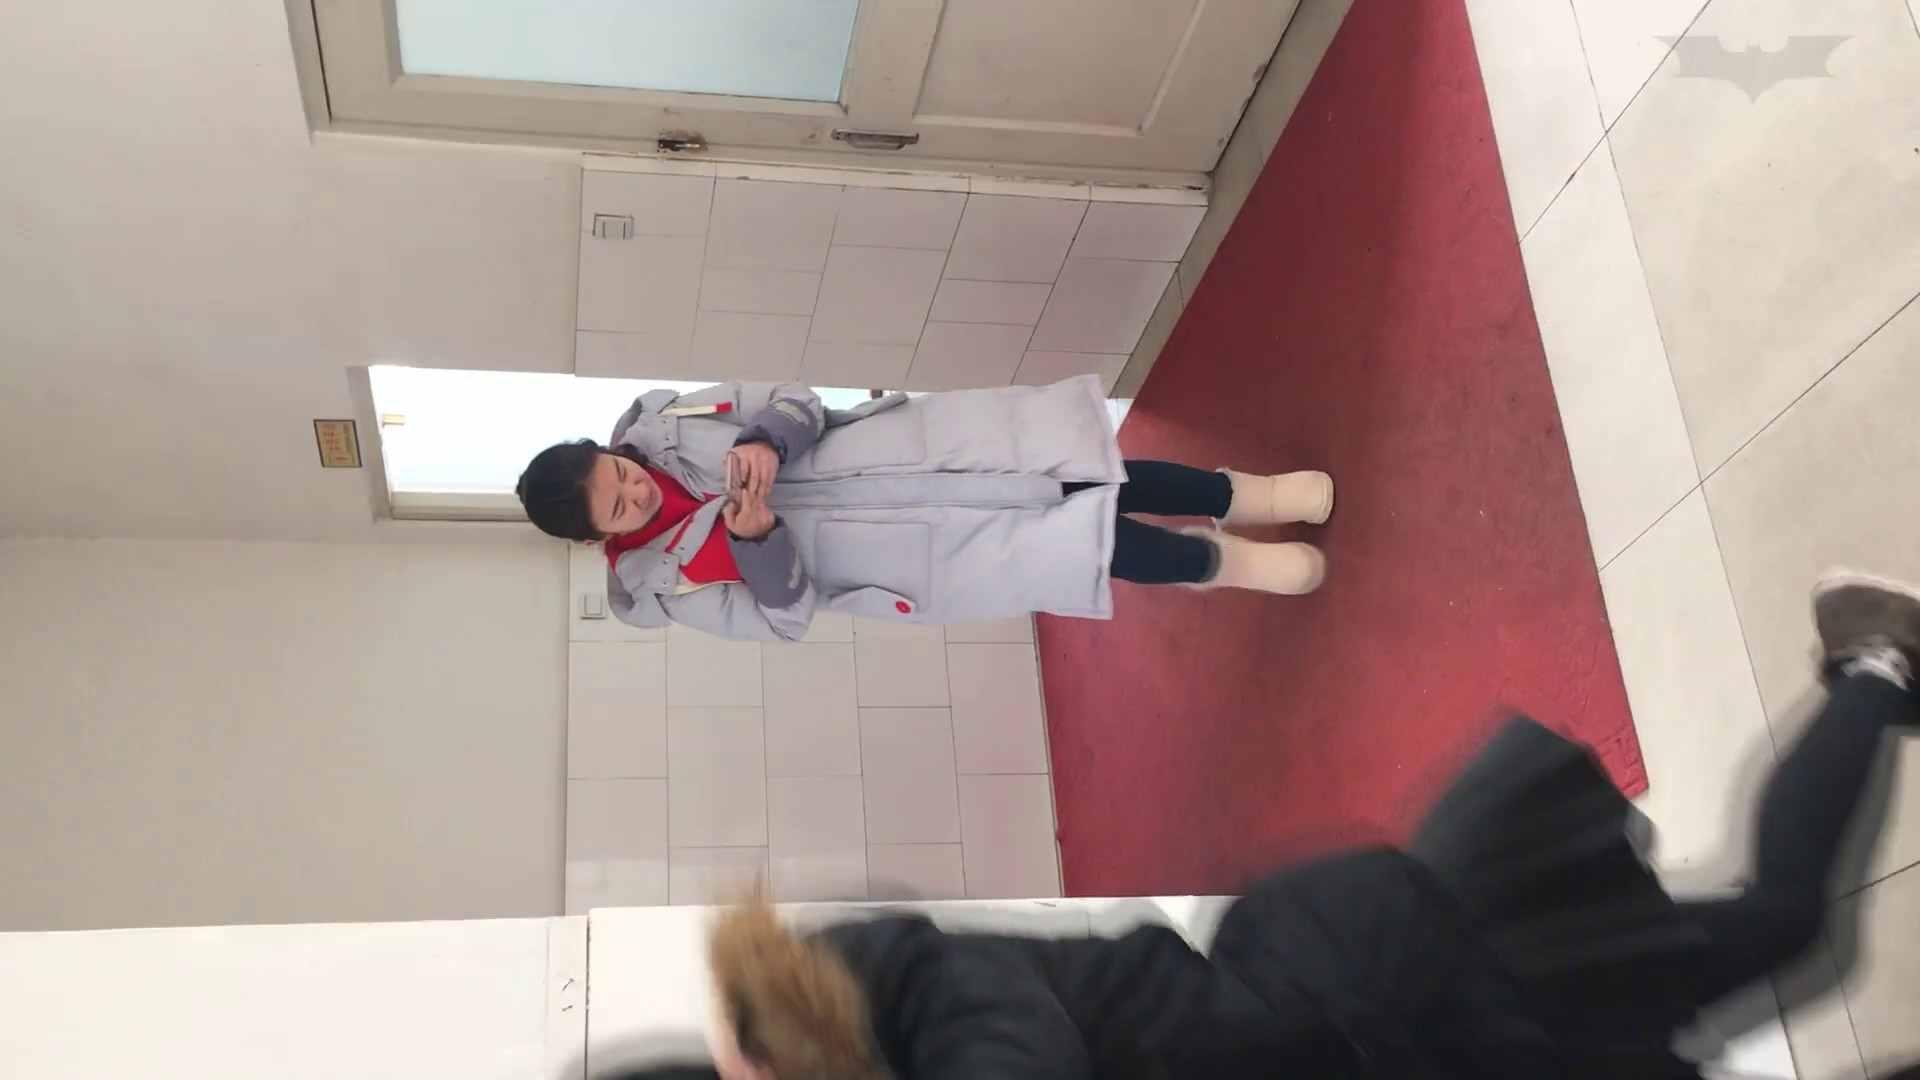 芸術大学ガチ潜入盗sati JD盗撮 美女の洗面所の秘密 Vol.95 マンコ  72pic 14